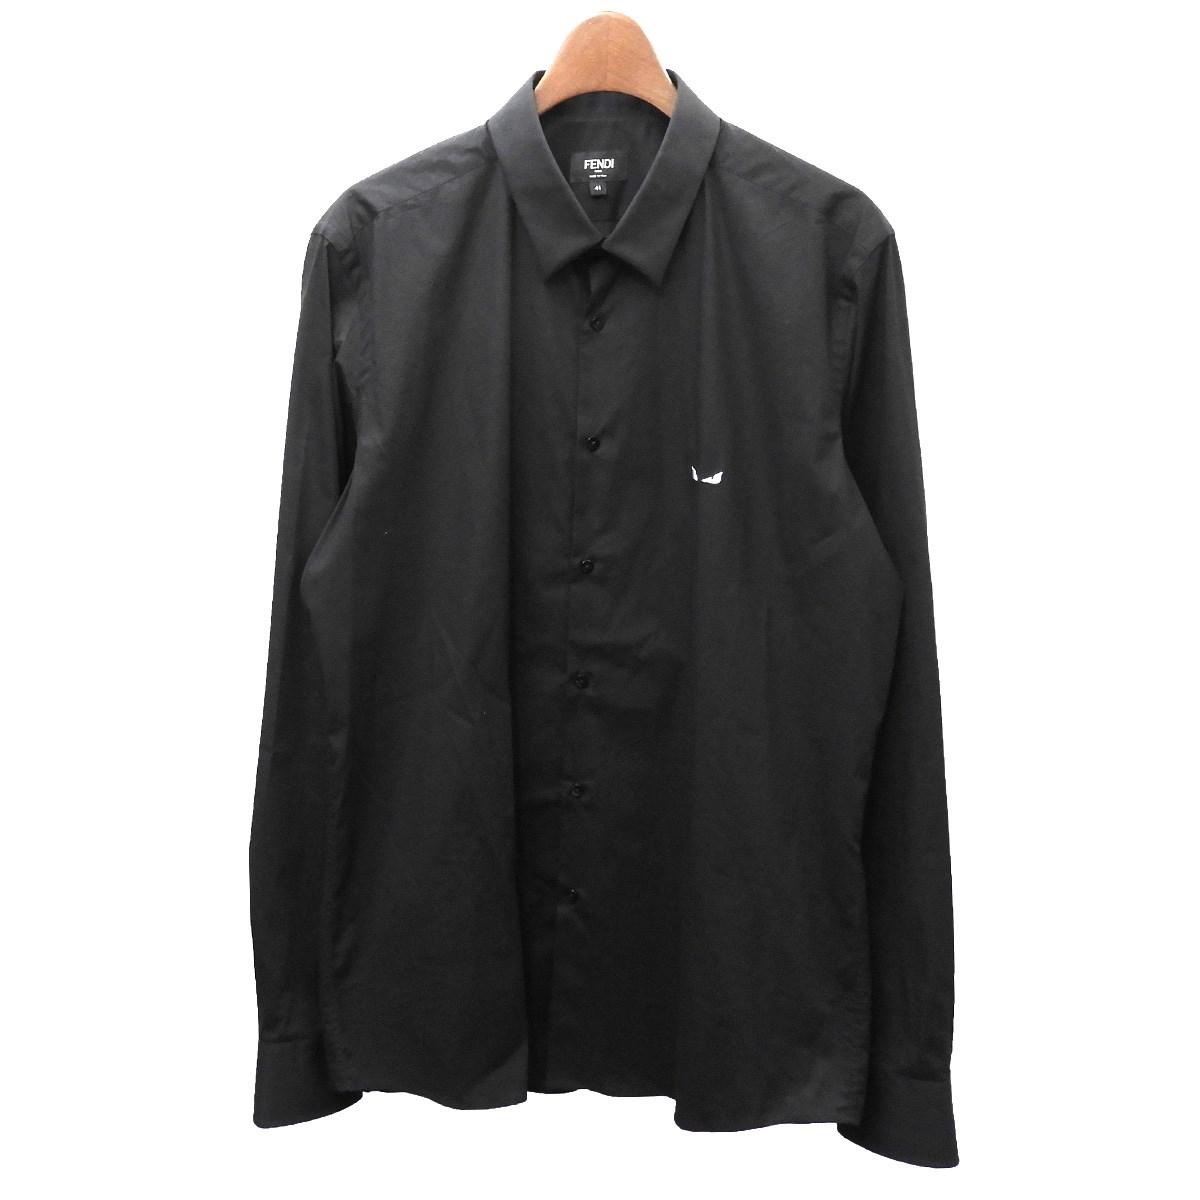 【中古】FENDI モンスターバグズ刺繍シャツ ブラック サイズ:41 【080320】(フェンディ)